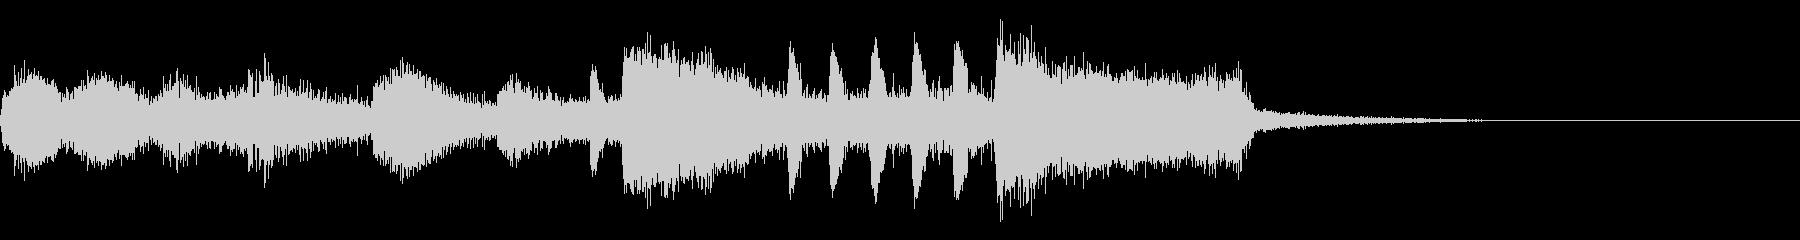 金管楽器類による 悪役登場の未再生の波形